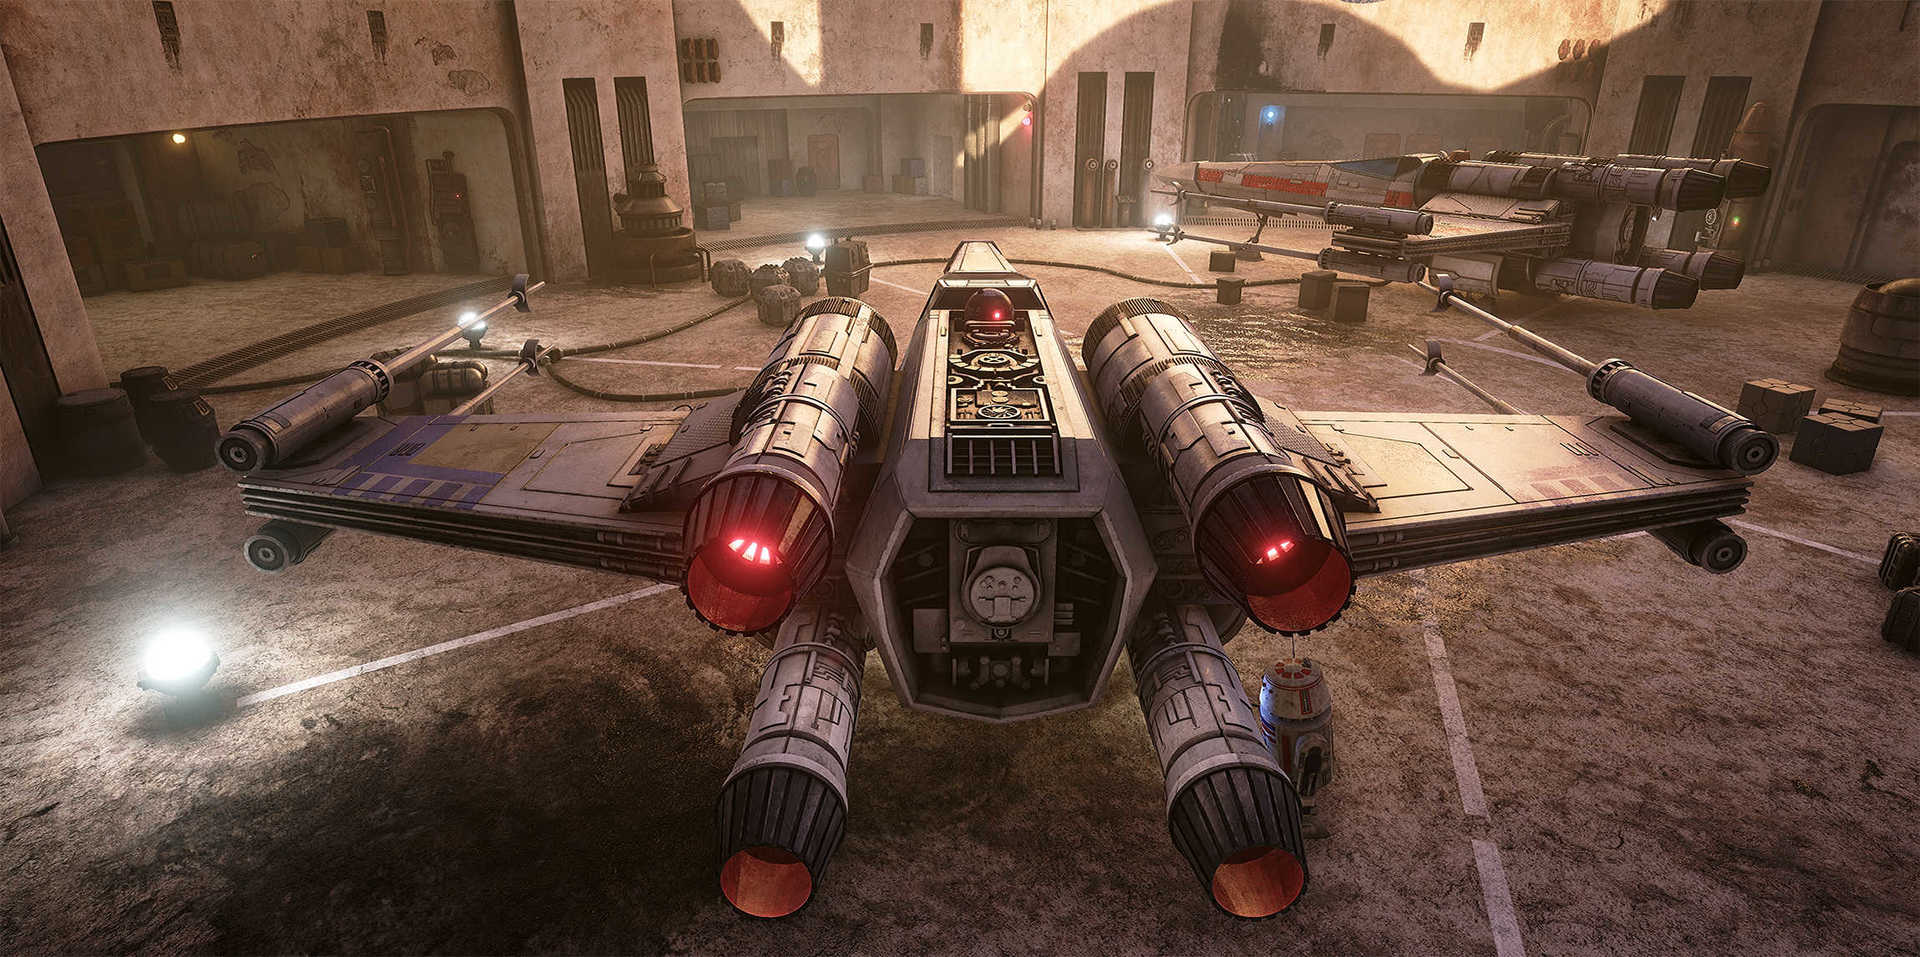 Создание сцены из Star Wars в Unreal Engine 4 - 2